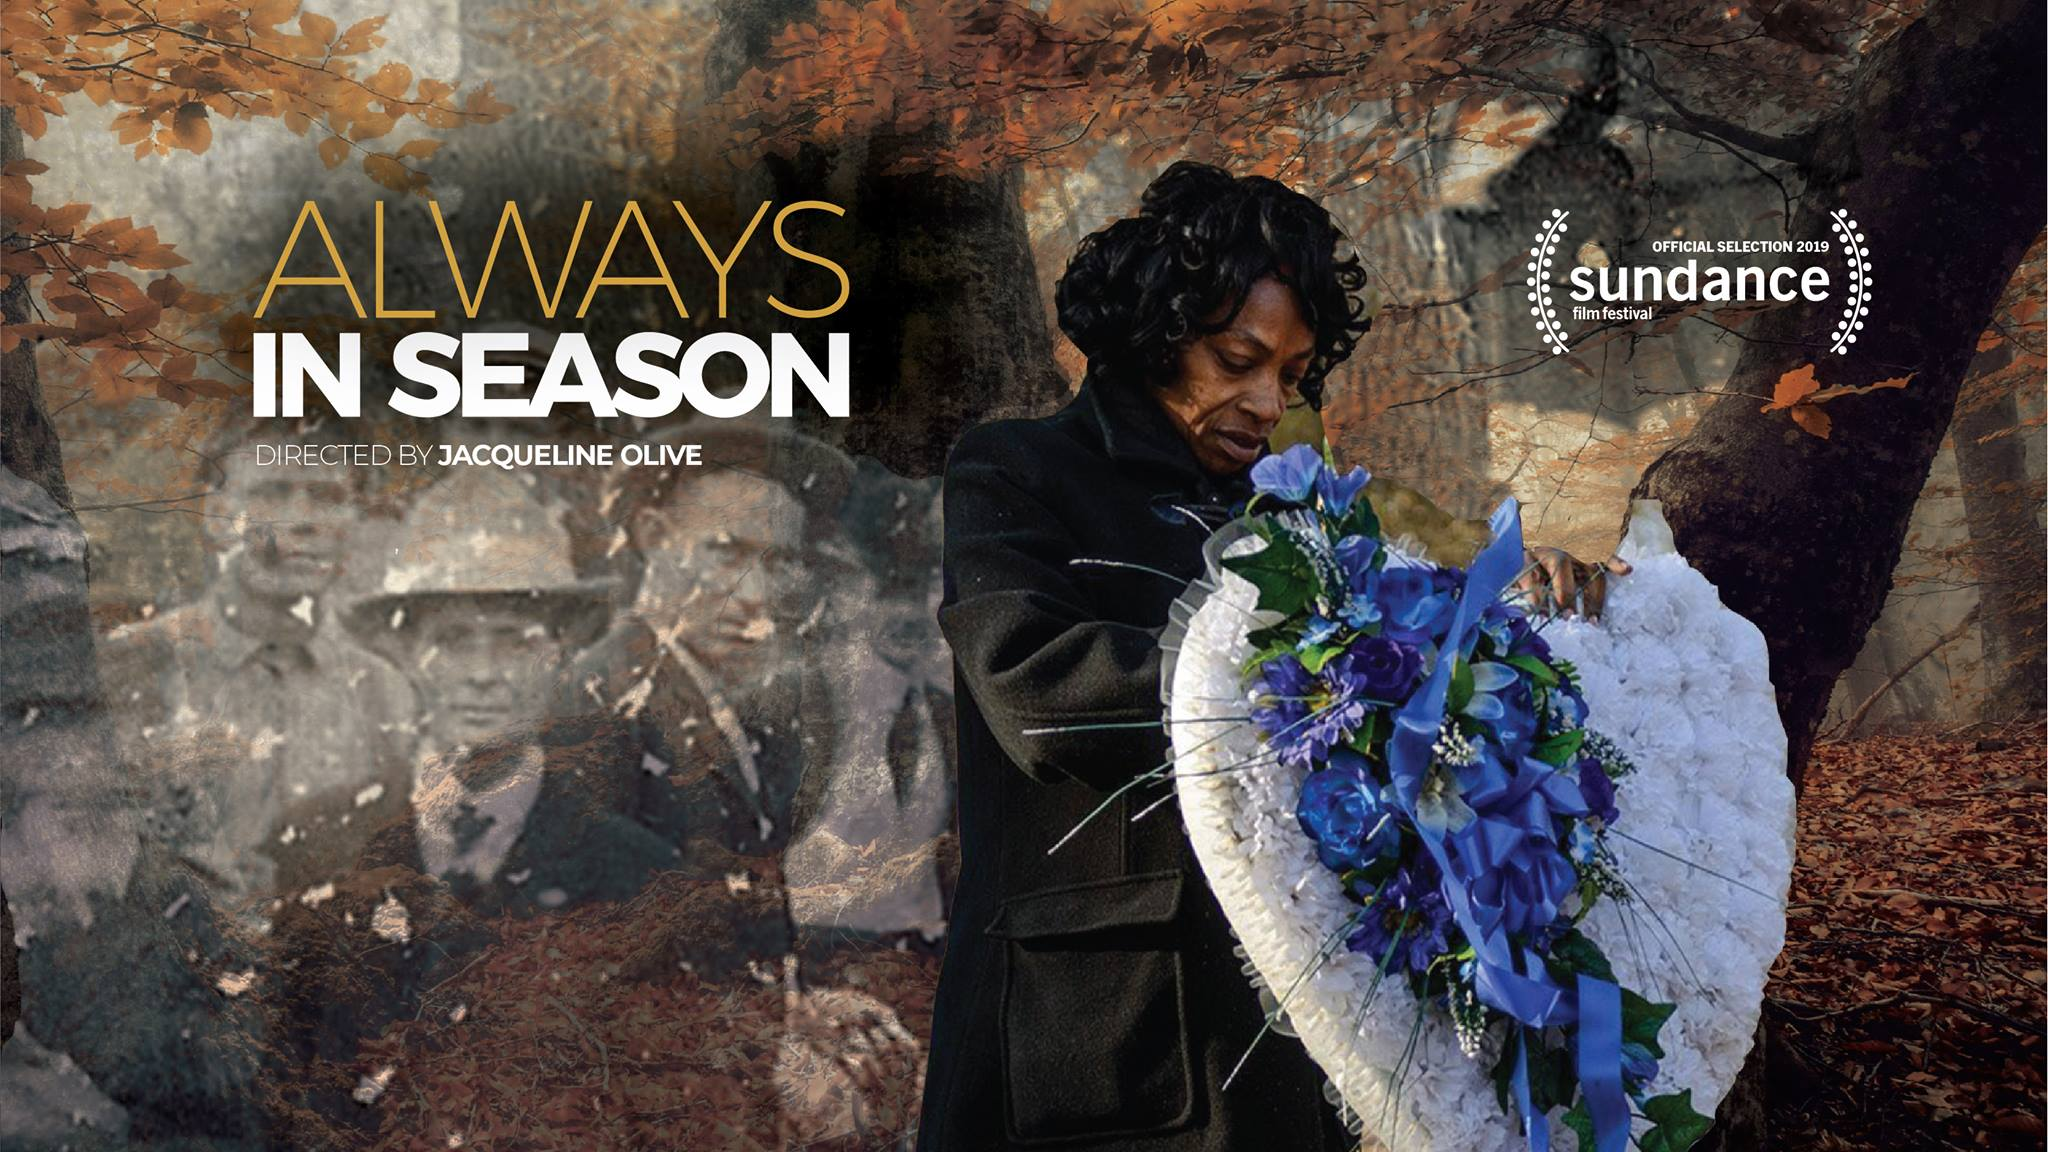 サンダンス映画祭2019 - 「Always in Season」のPatrick Sheehan撮影監督に聞く